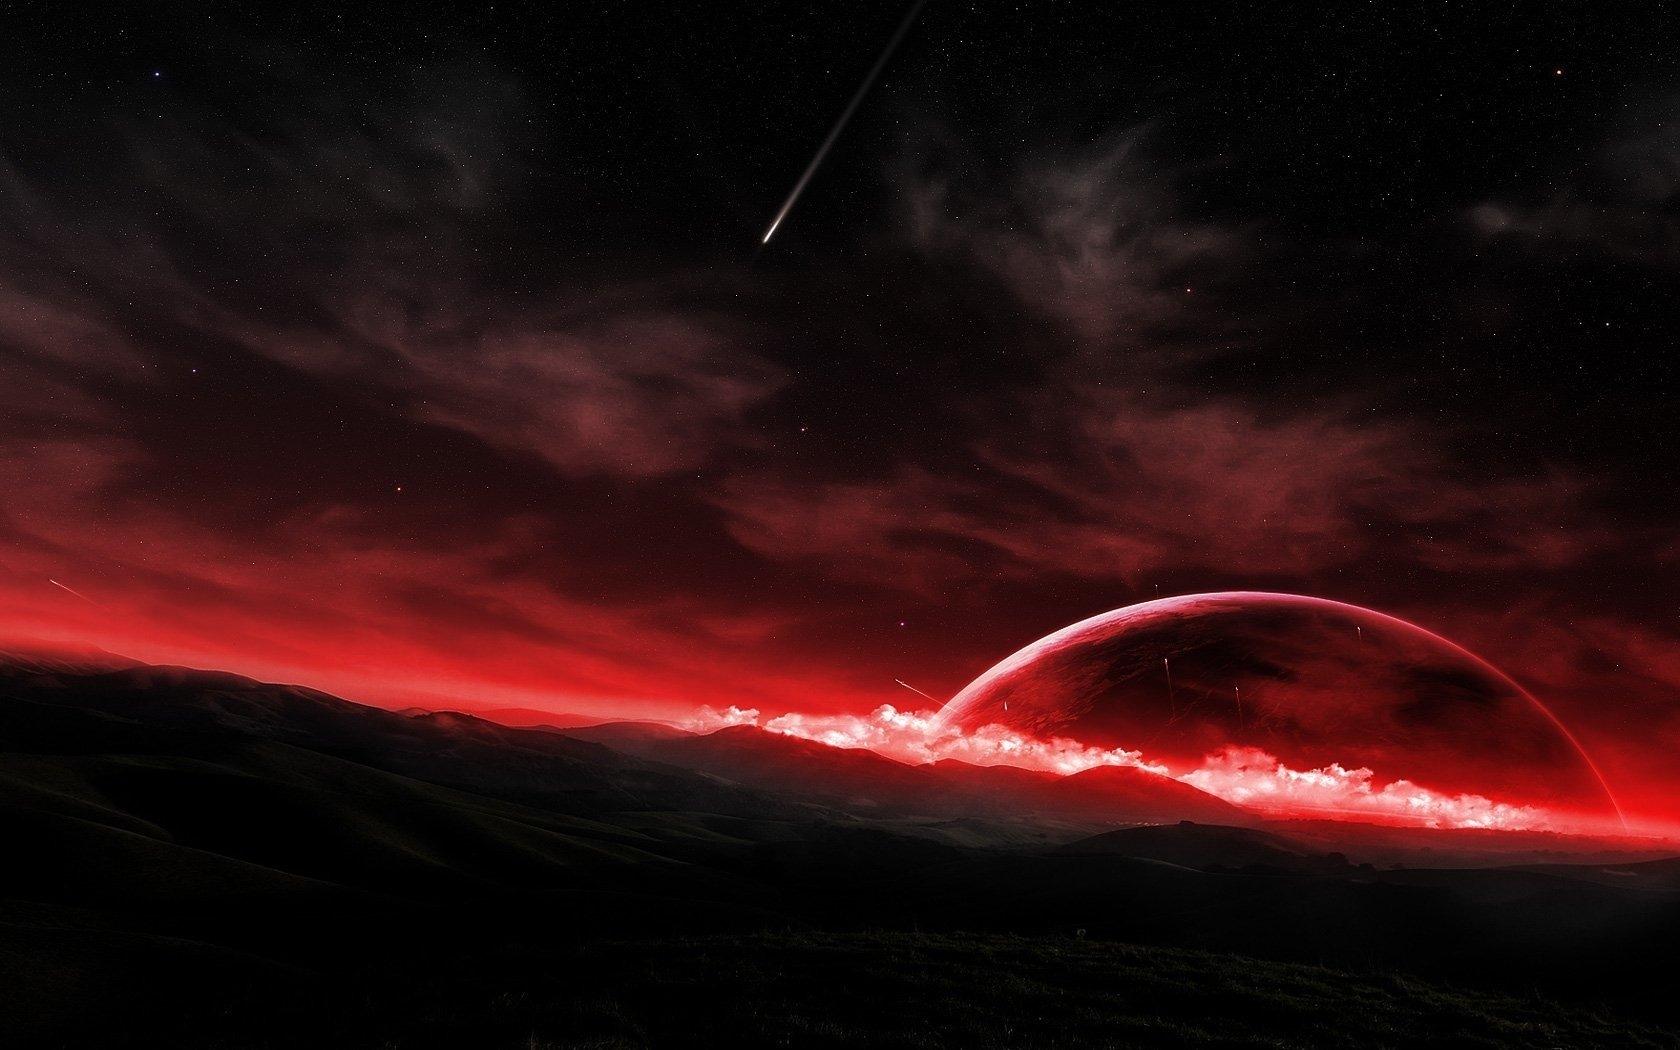 desktop wallpapers Red planet 1680x1050